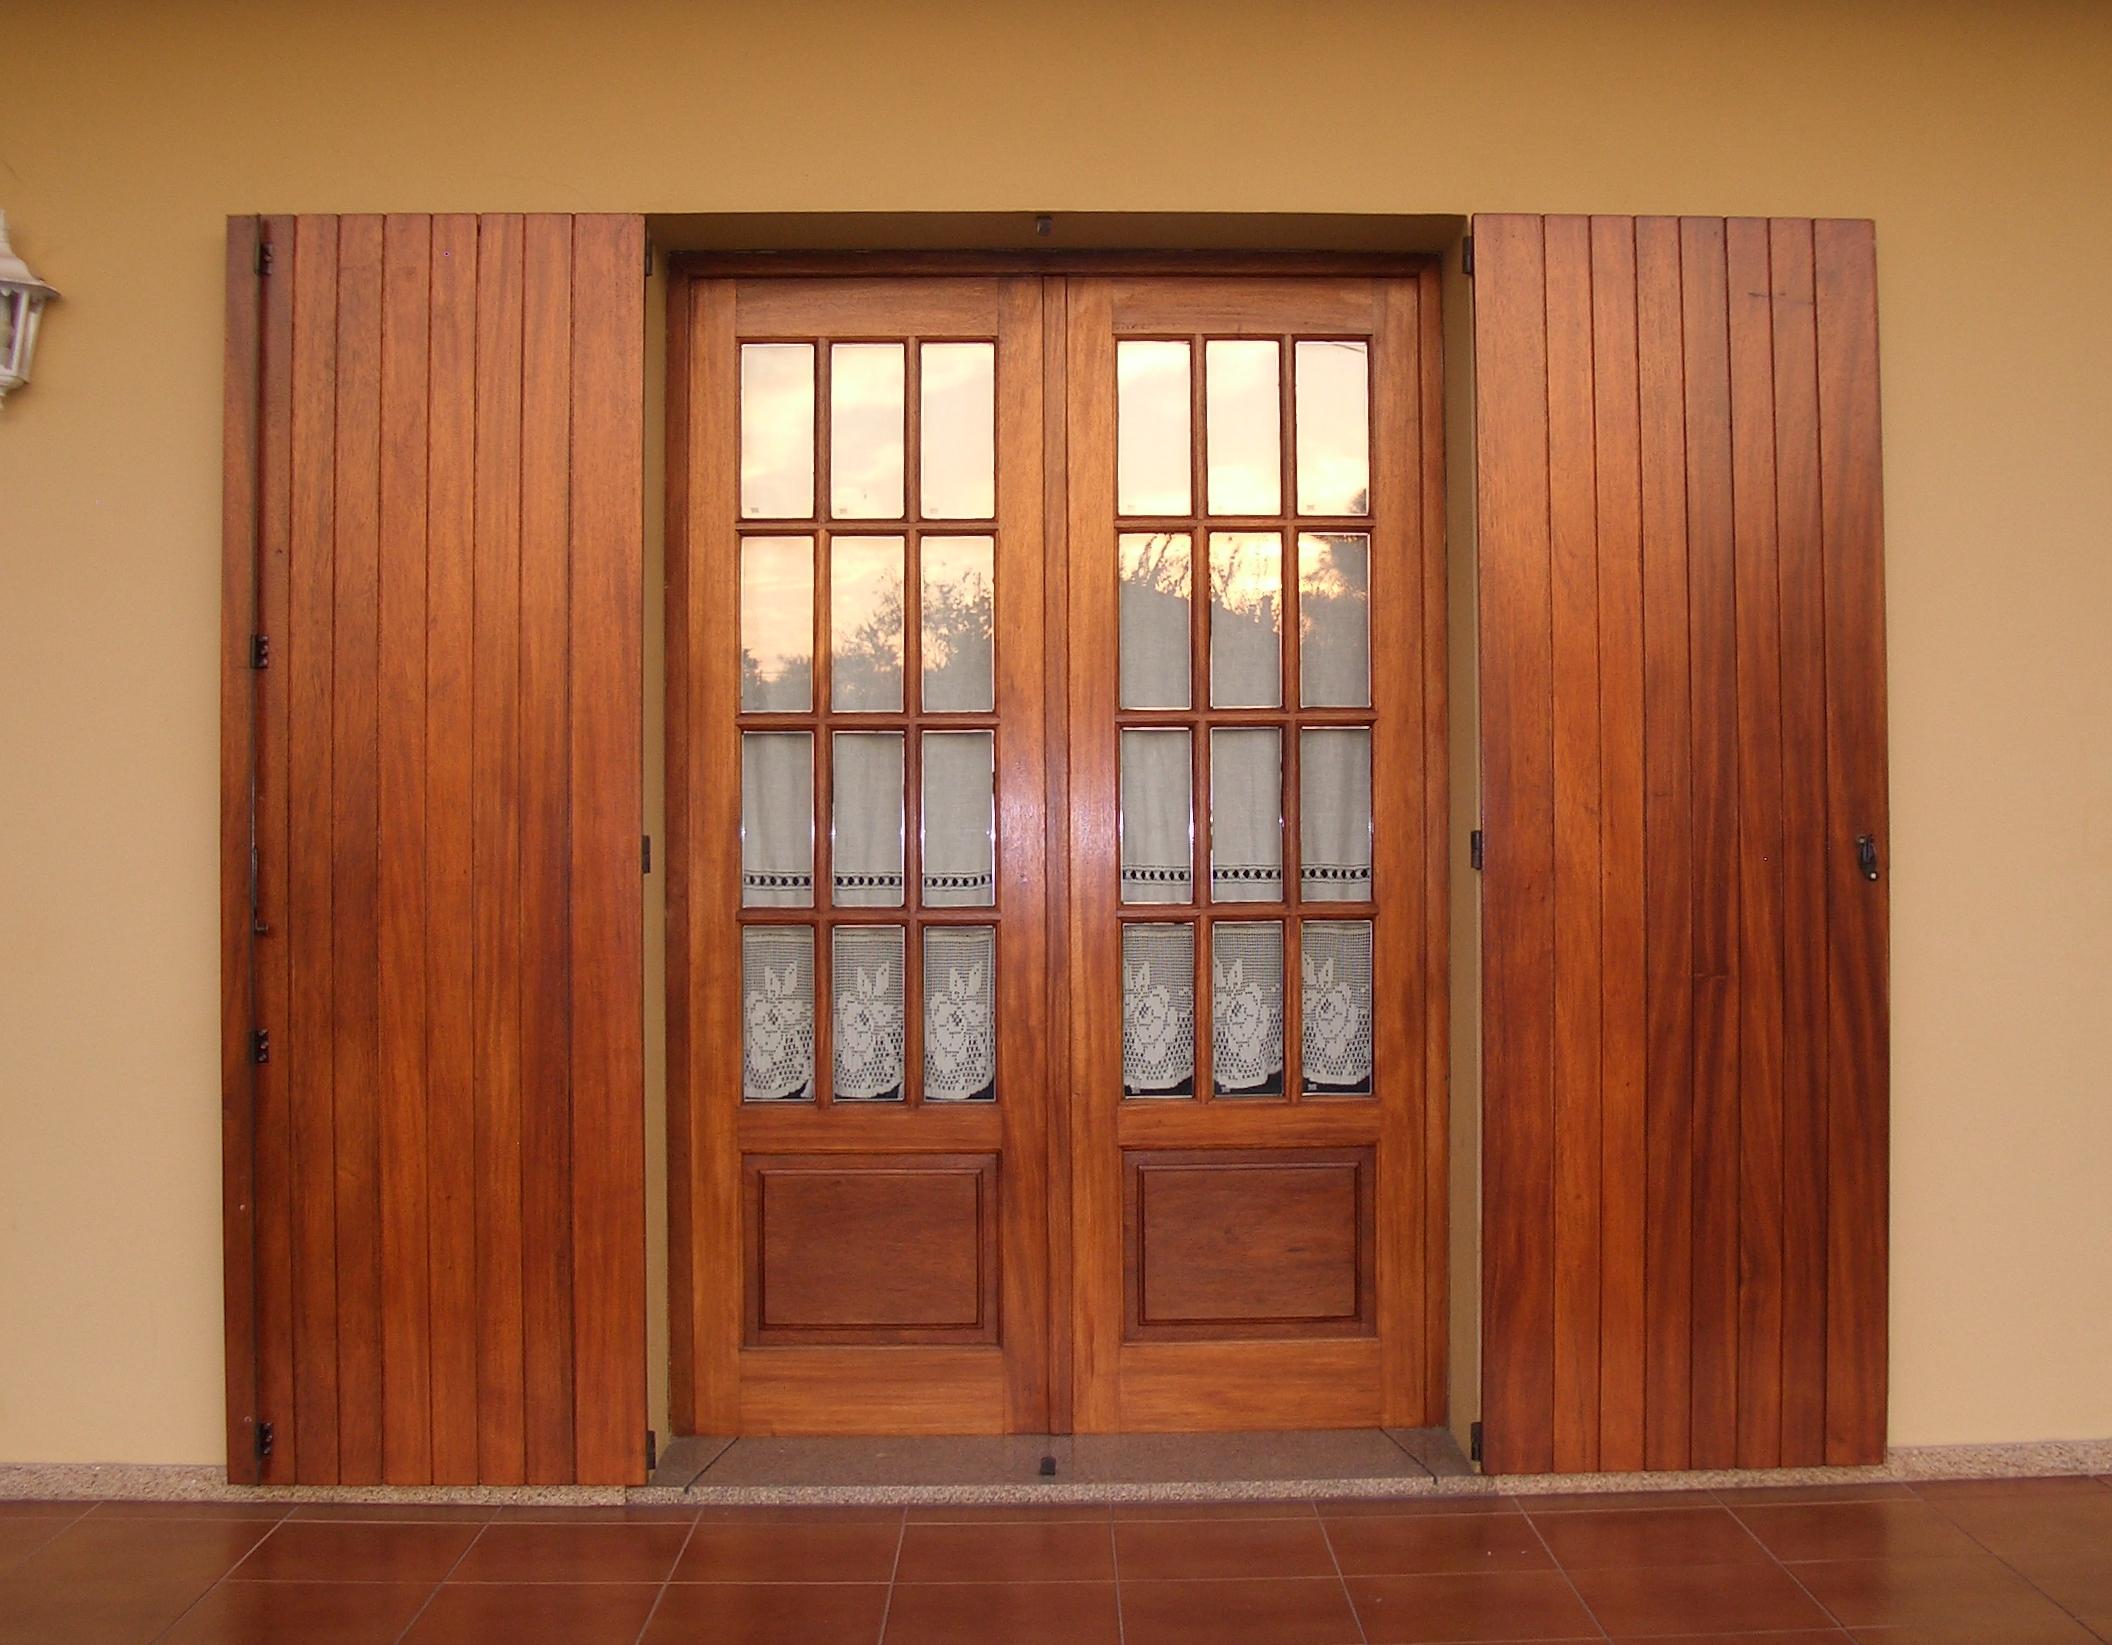 #C0860B CAIXILHARIA MADEIRA > > porta/janela em madeira 1204 Portas E Janelas De Madeira Em Valinhos